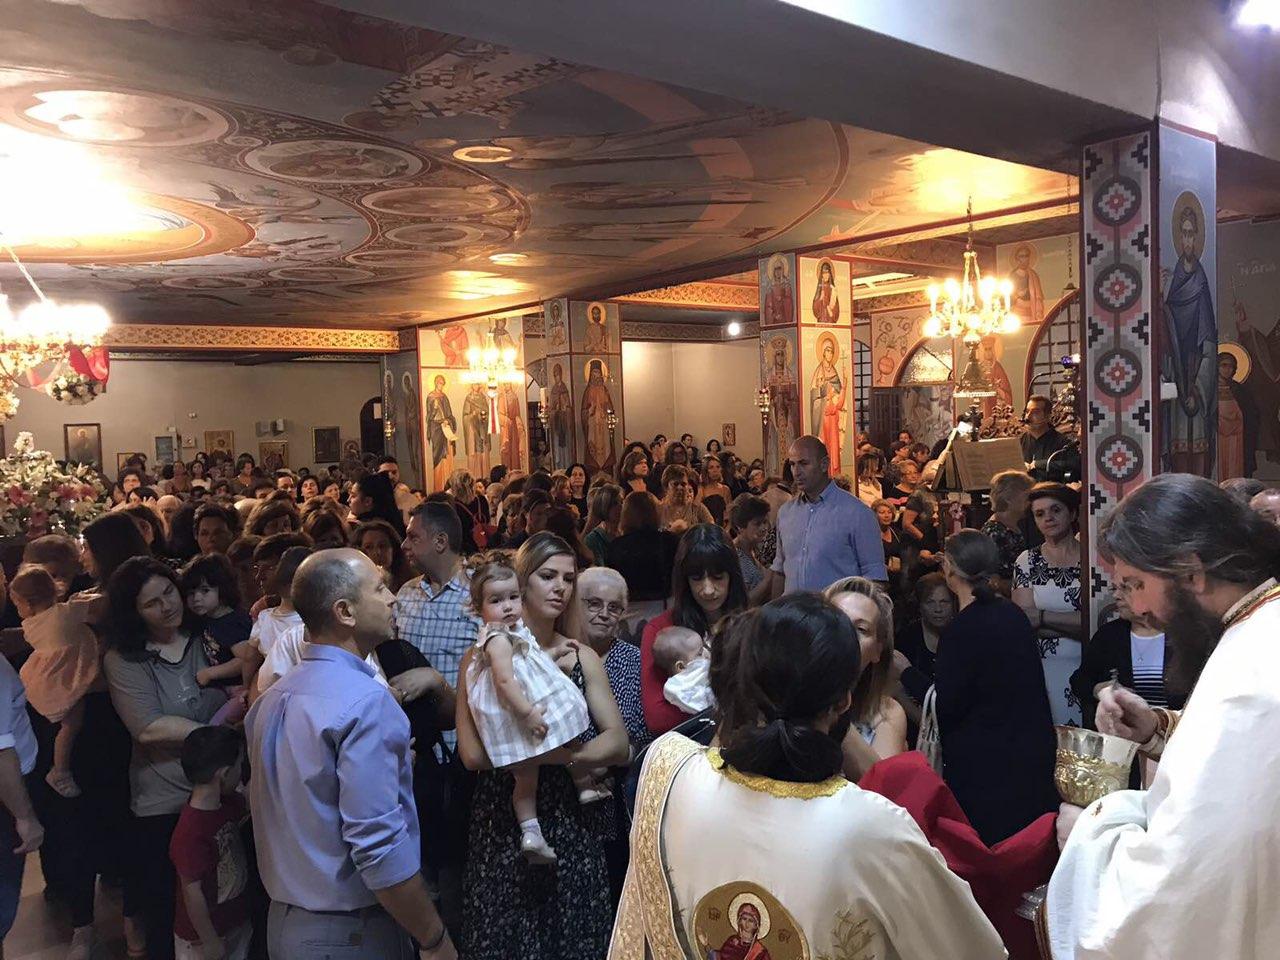 AgSofia 2019 6 - Η Εορτή της Αγίας Σοφίας στη Λάρισα (φωτο)